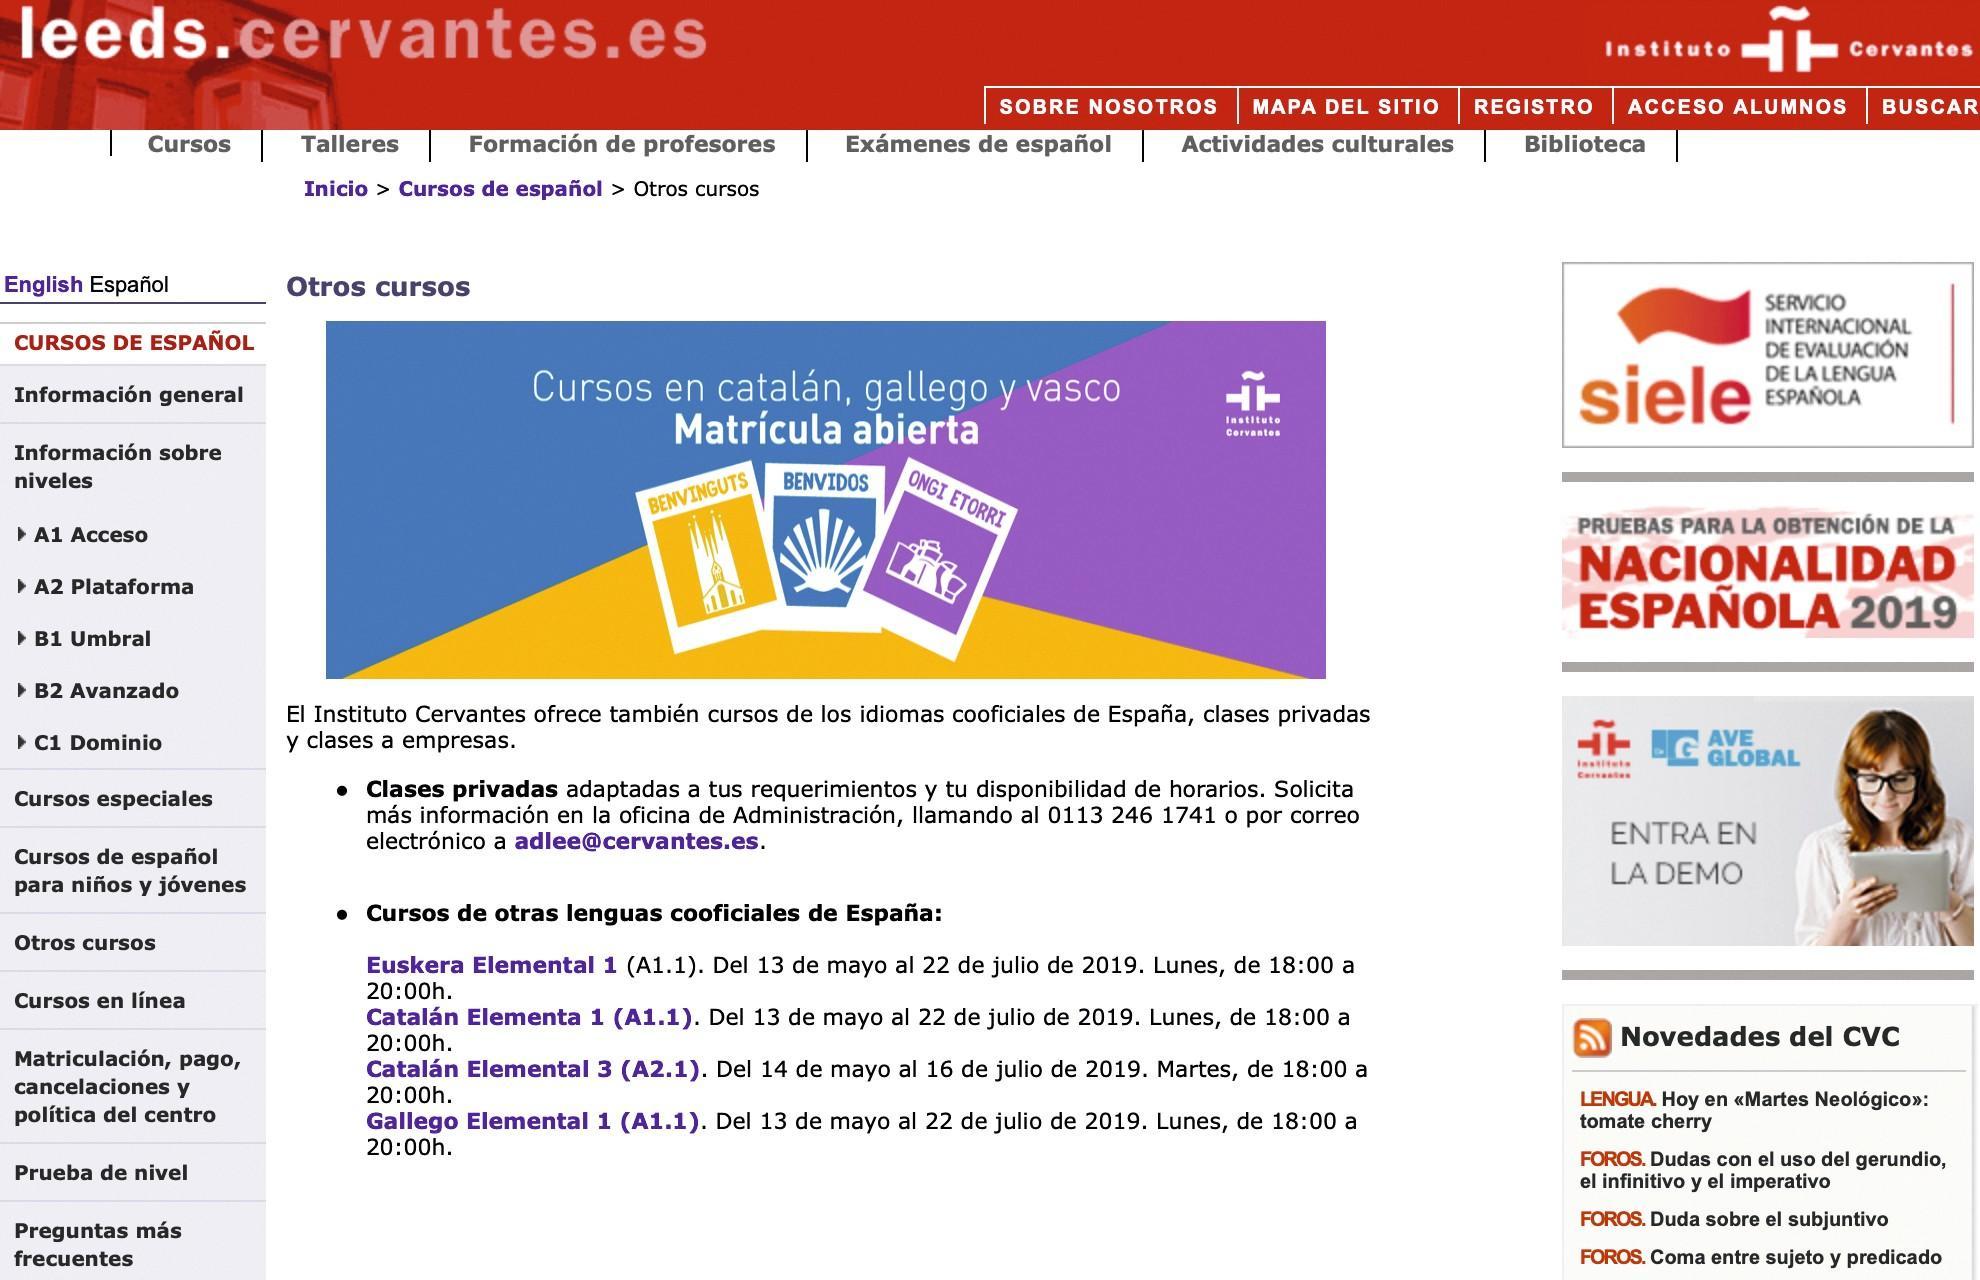 Página web del Instituto Cervantes de Leeds, 2019.